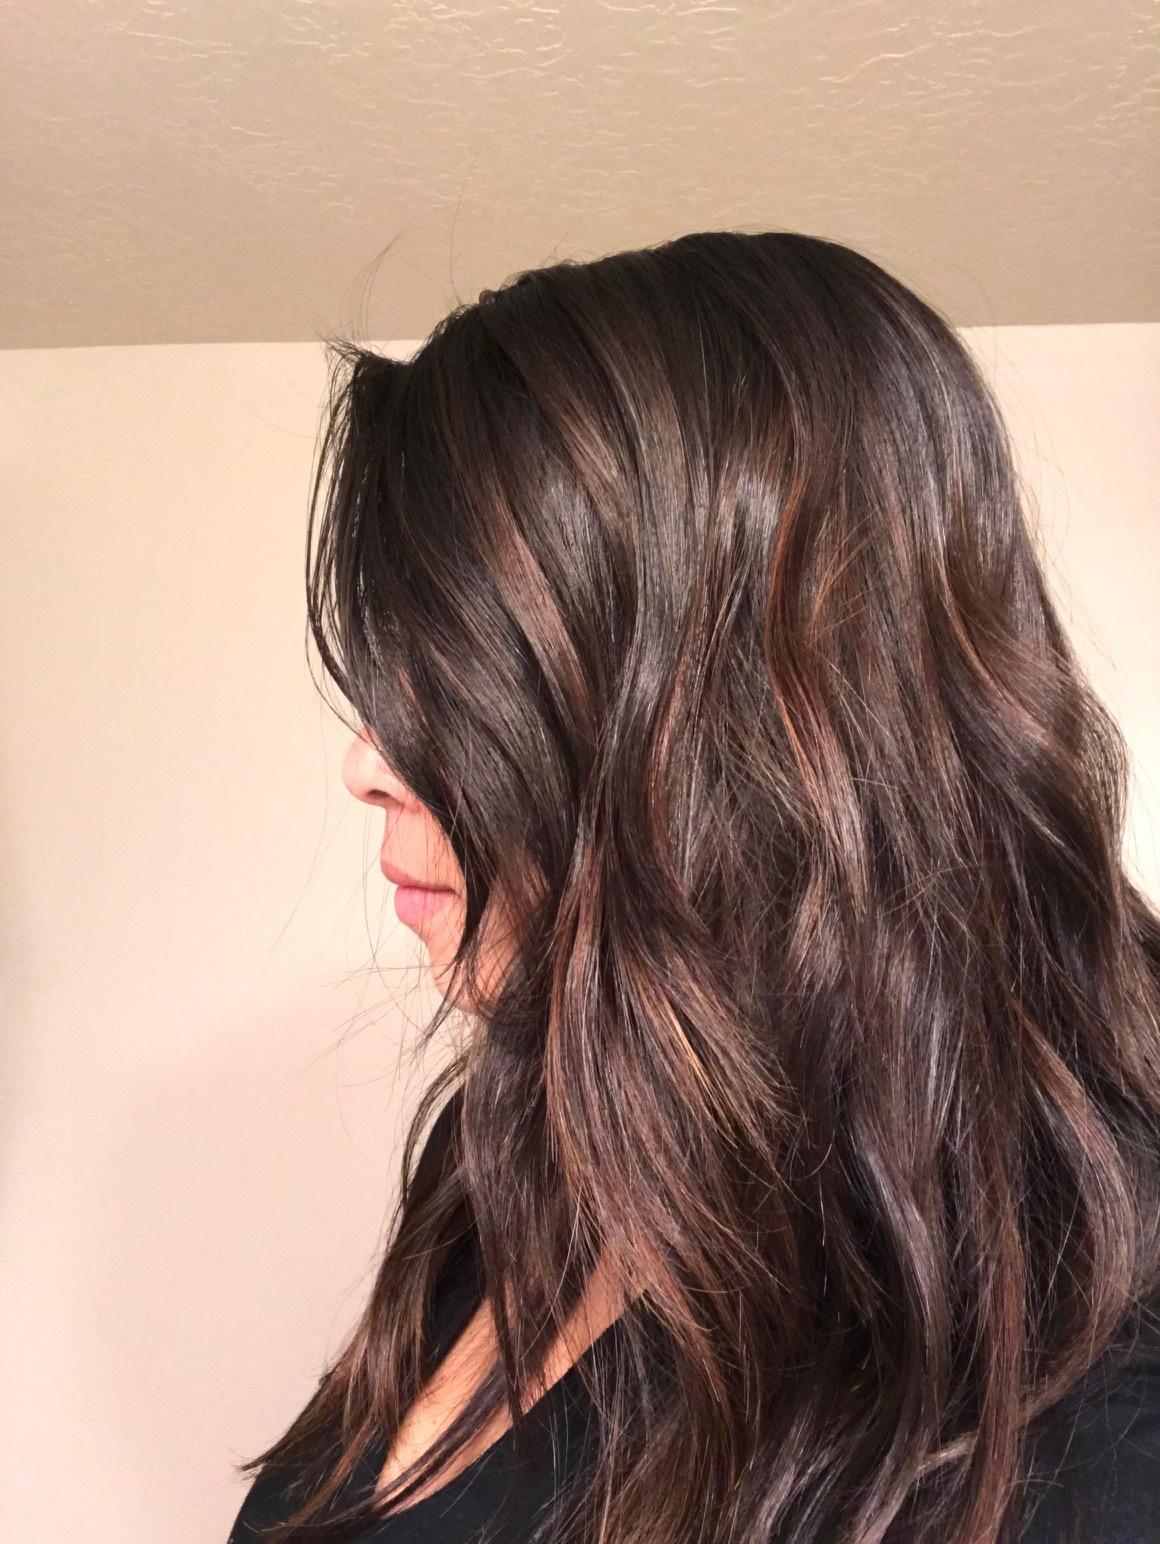 Long hair 1.jpg